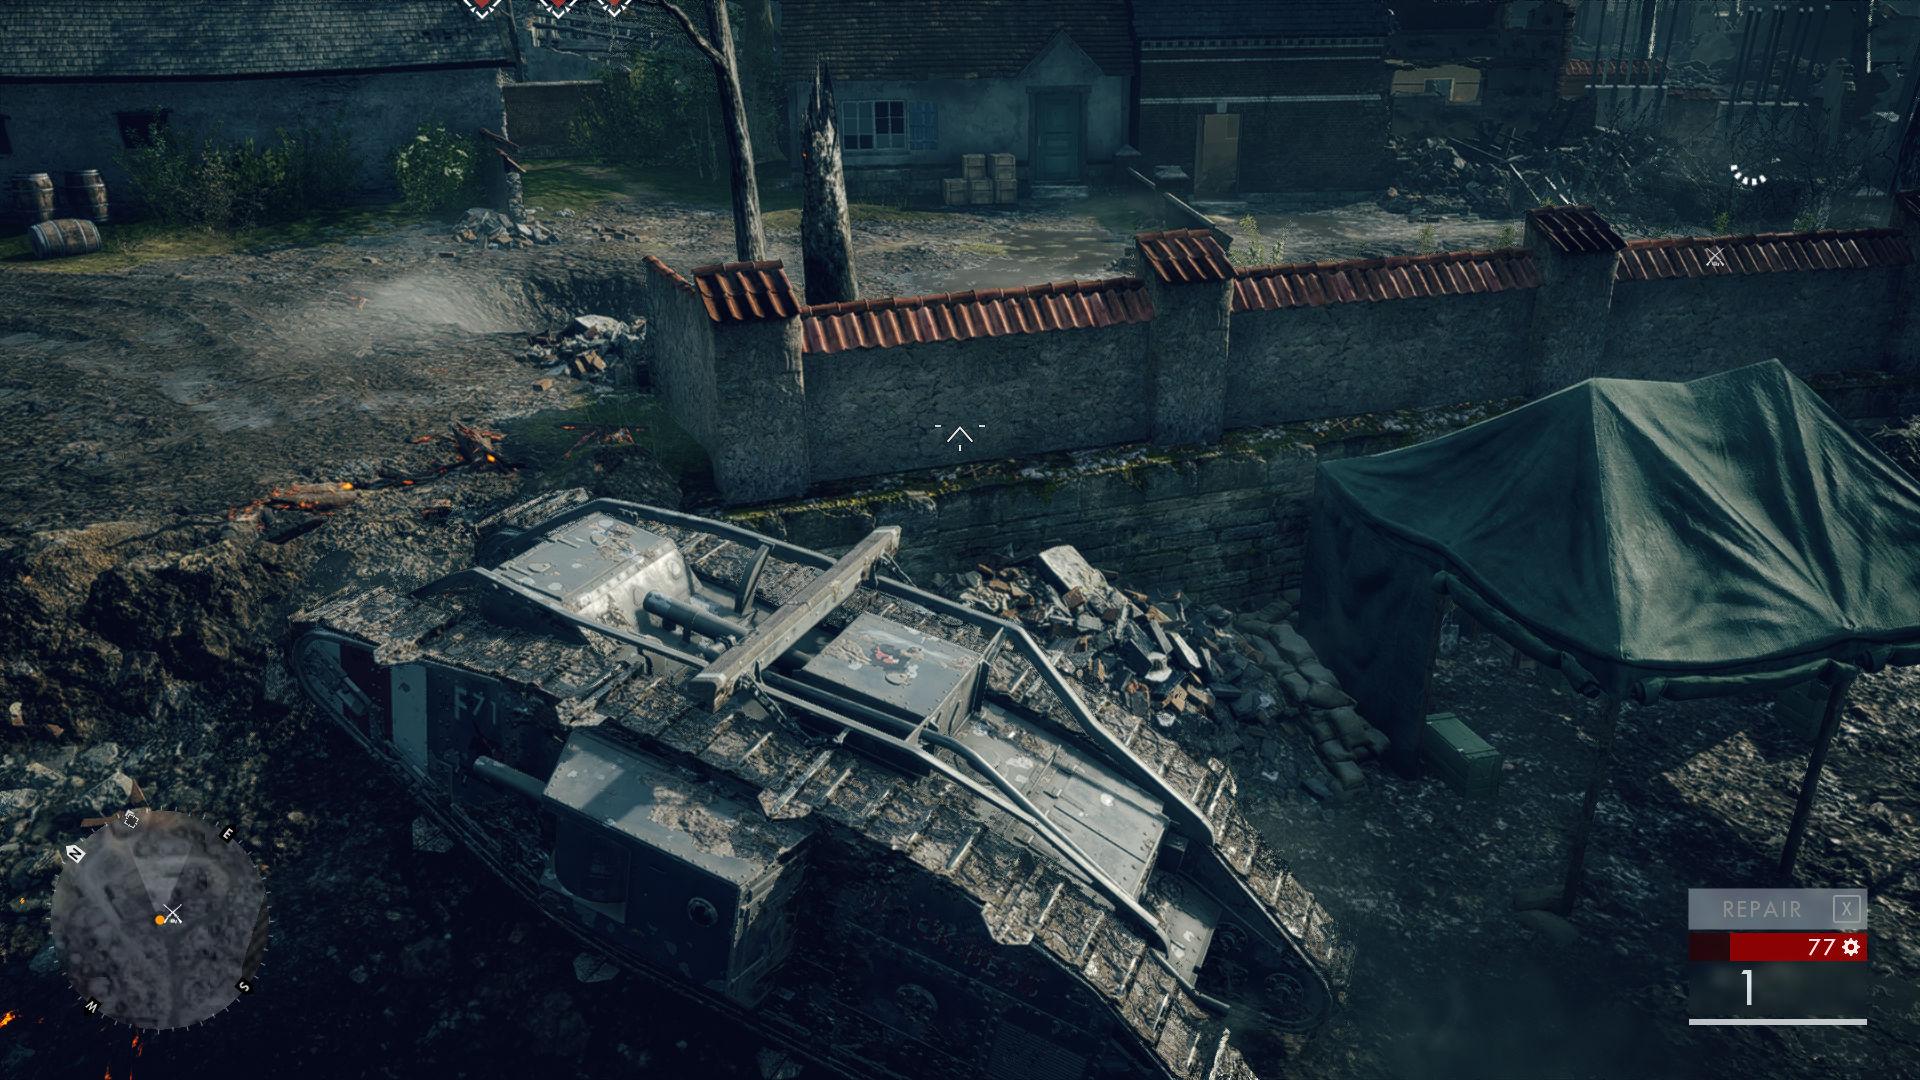 수정됨_Battlefield 1 2016.10.13 - 19.42.44.30.jpg